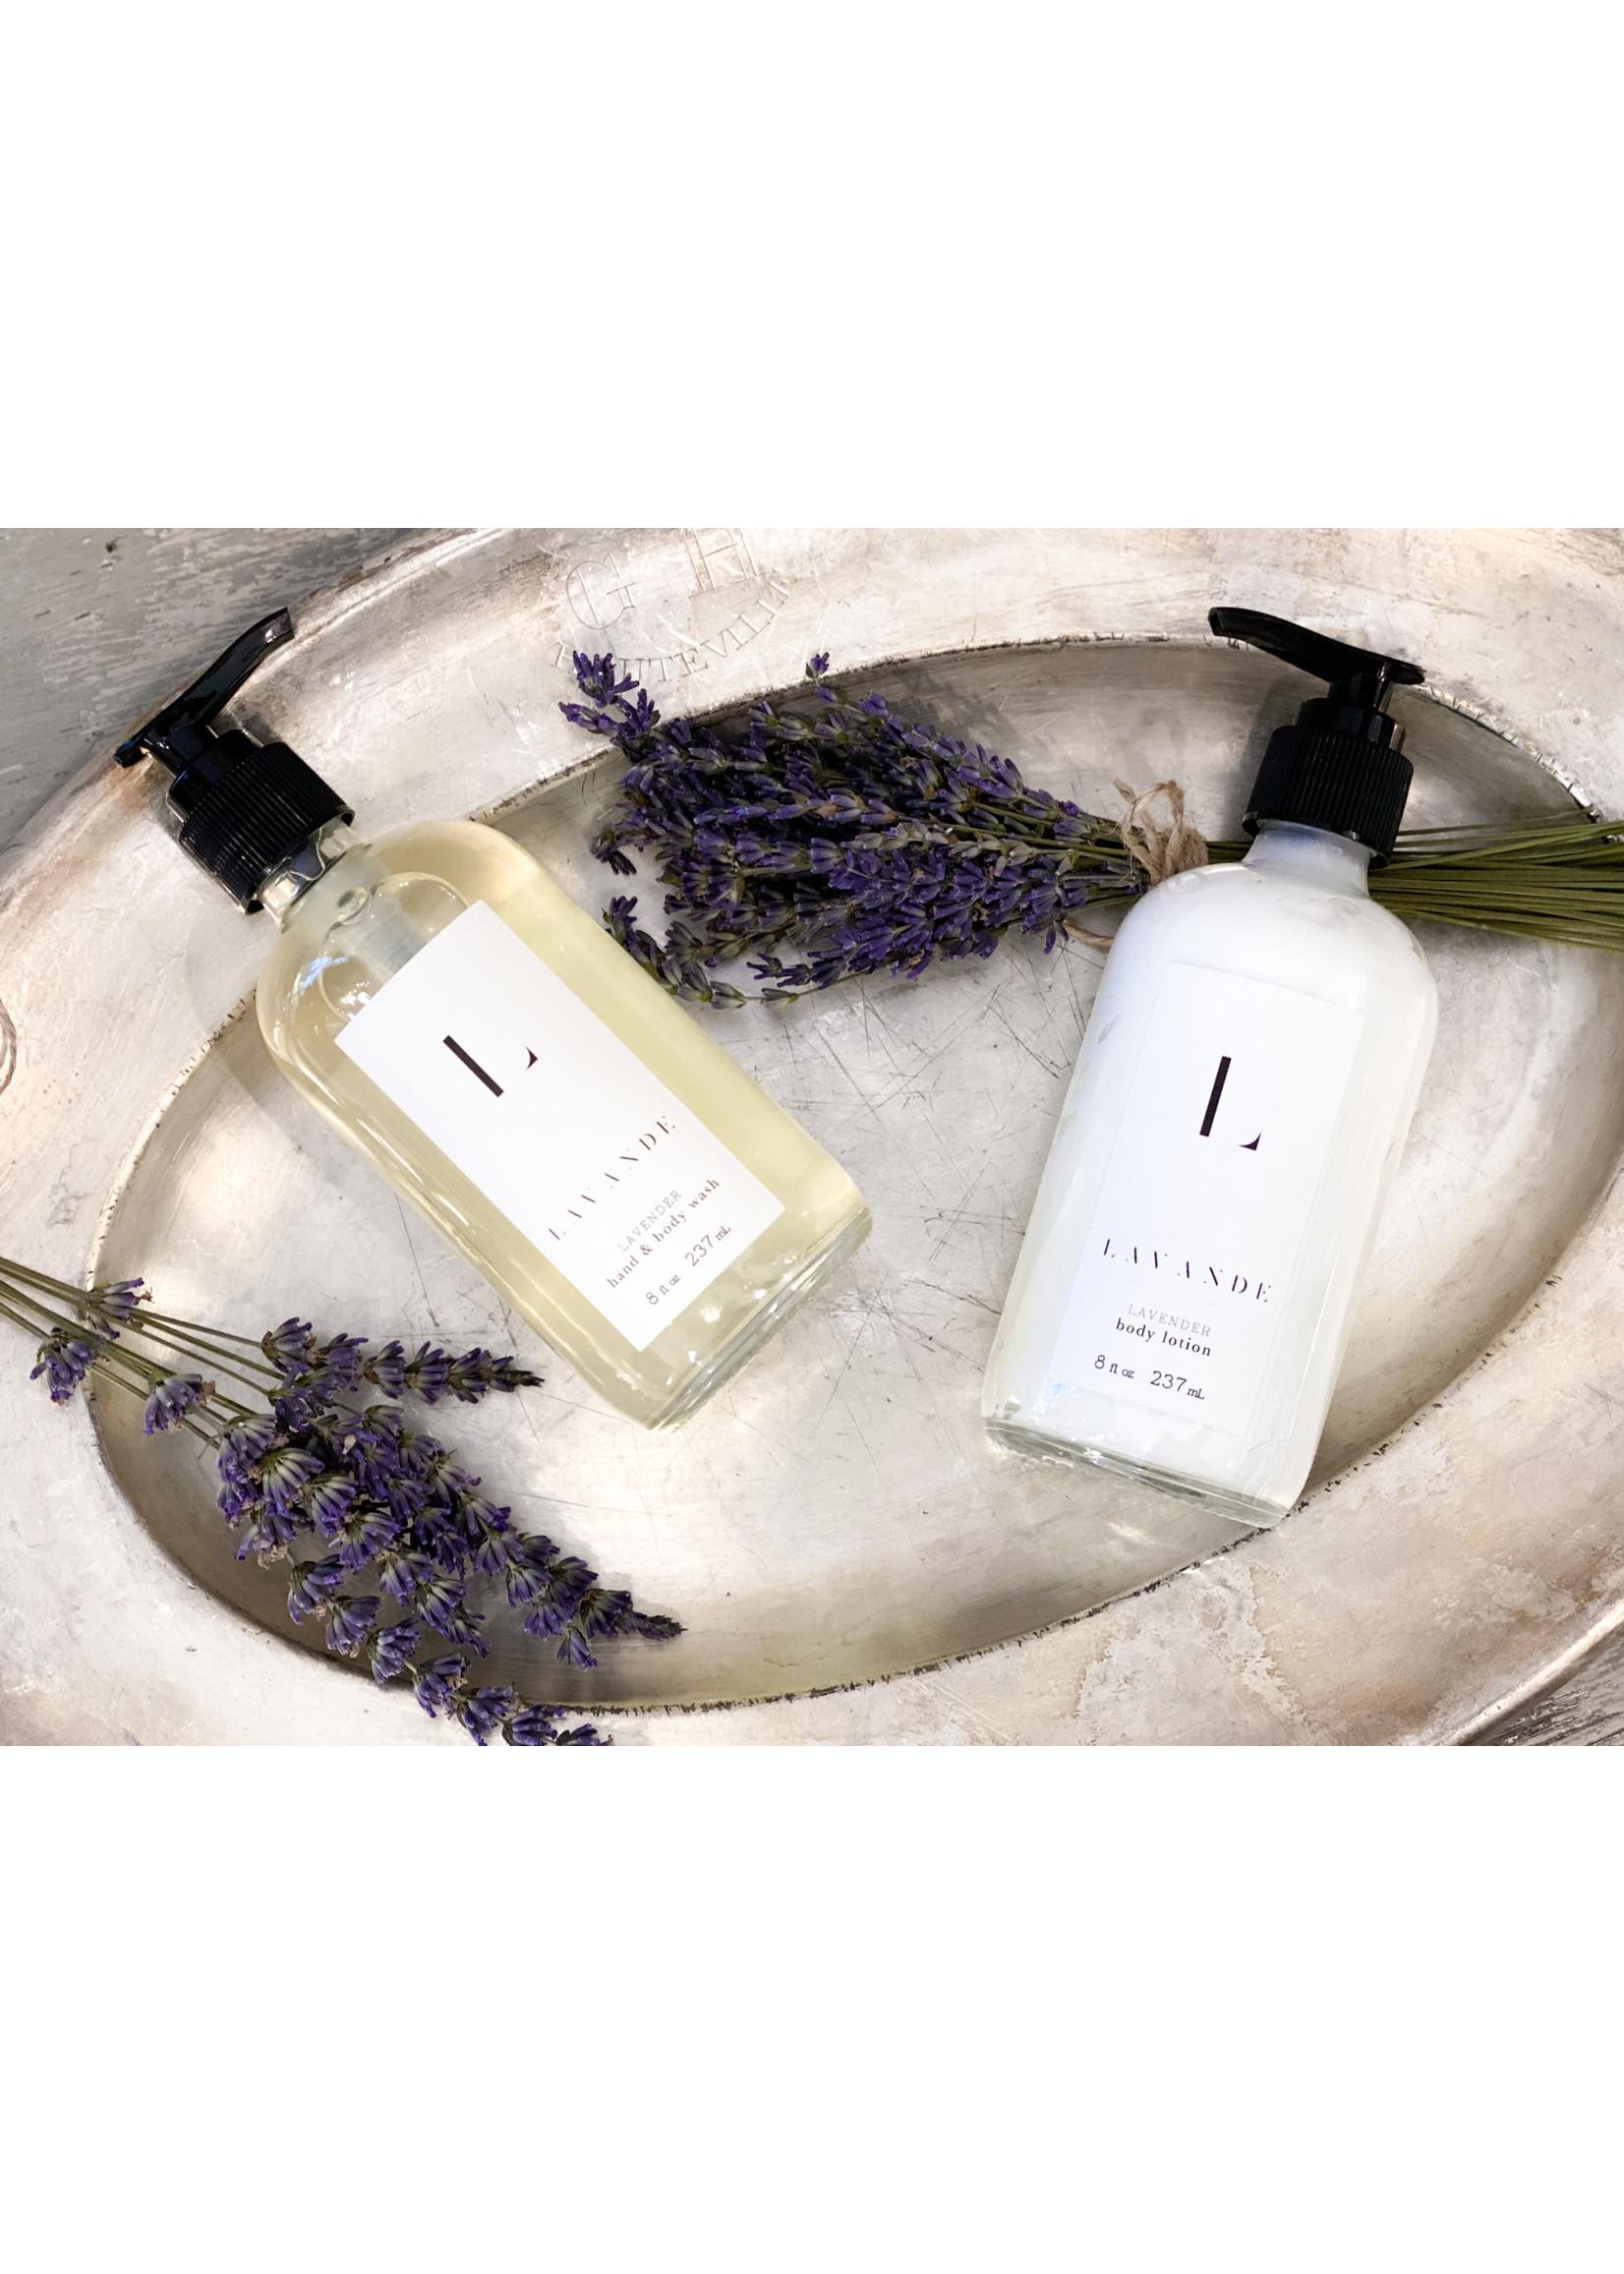 Lavande Farm Lavender Lotion